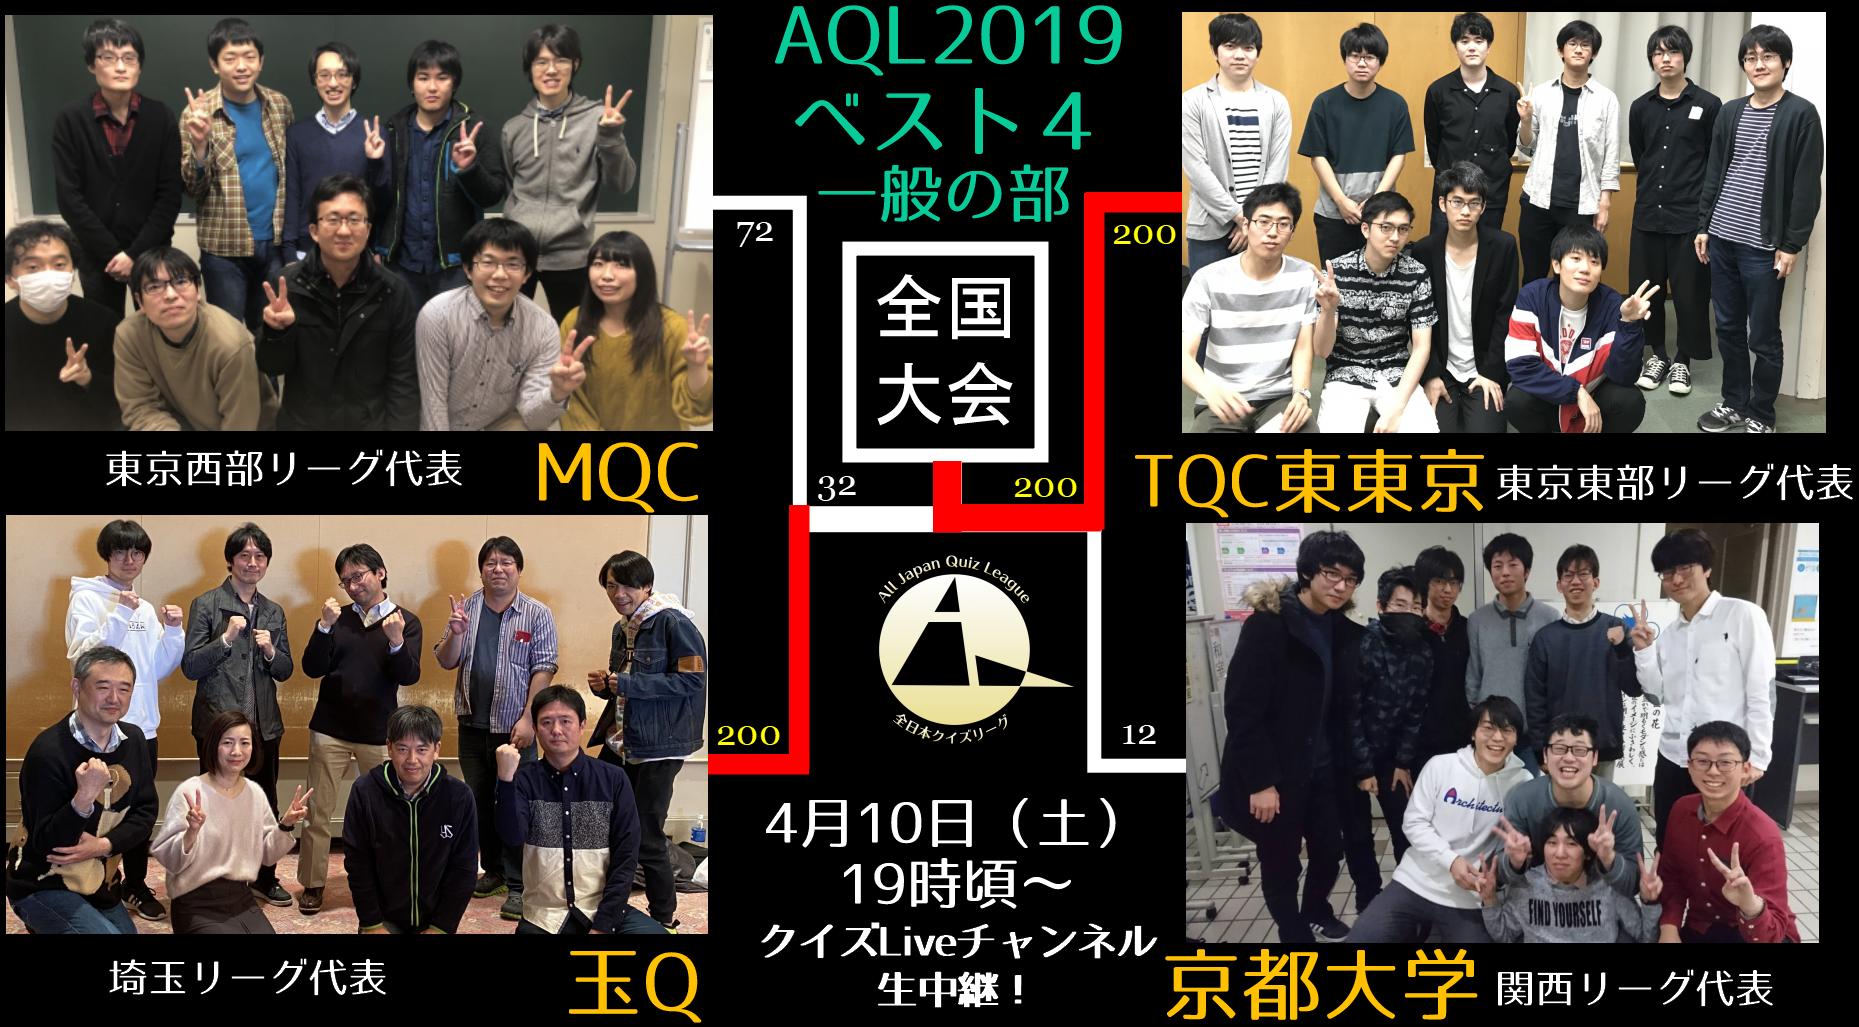 【結果報告】AQL2019全国大会(一年遅れでの開催)